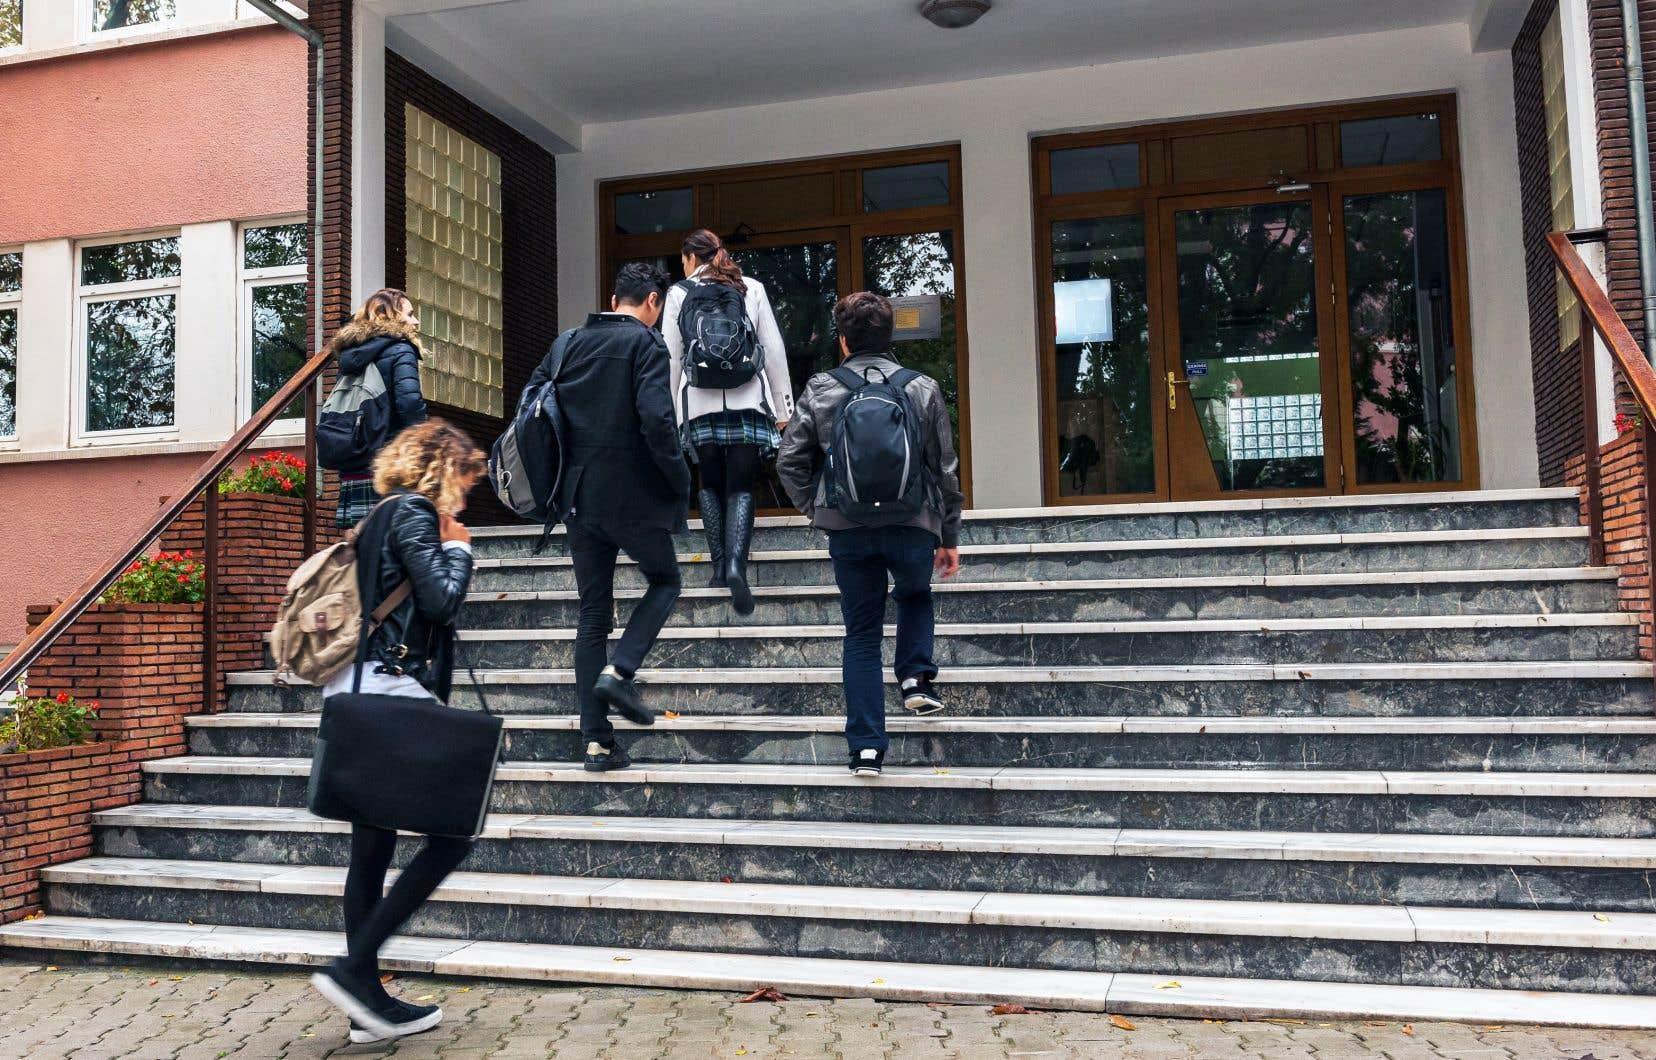 Une école offre plus que des services éducatifs, par exemple l'entretien des bâtiments et des équipements, divers services de soutien aux élèves, le transport.